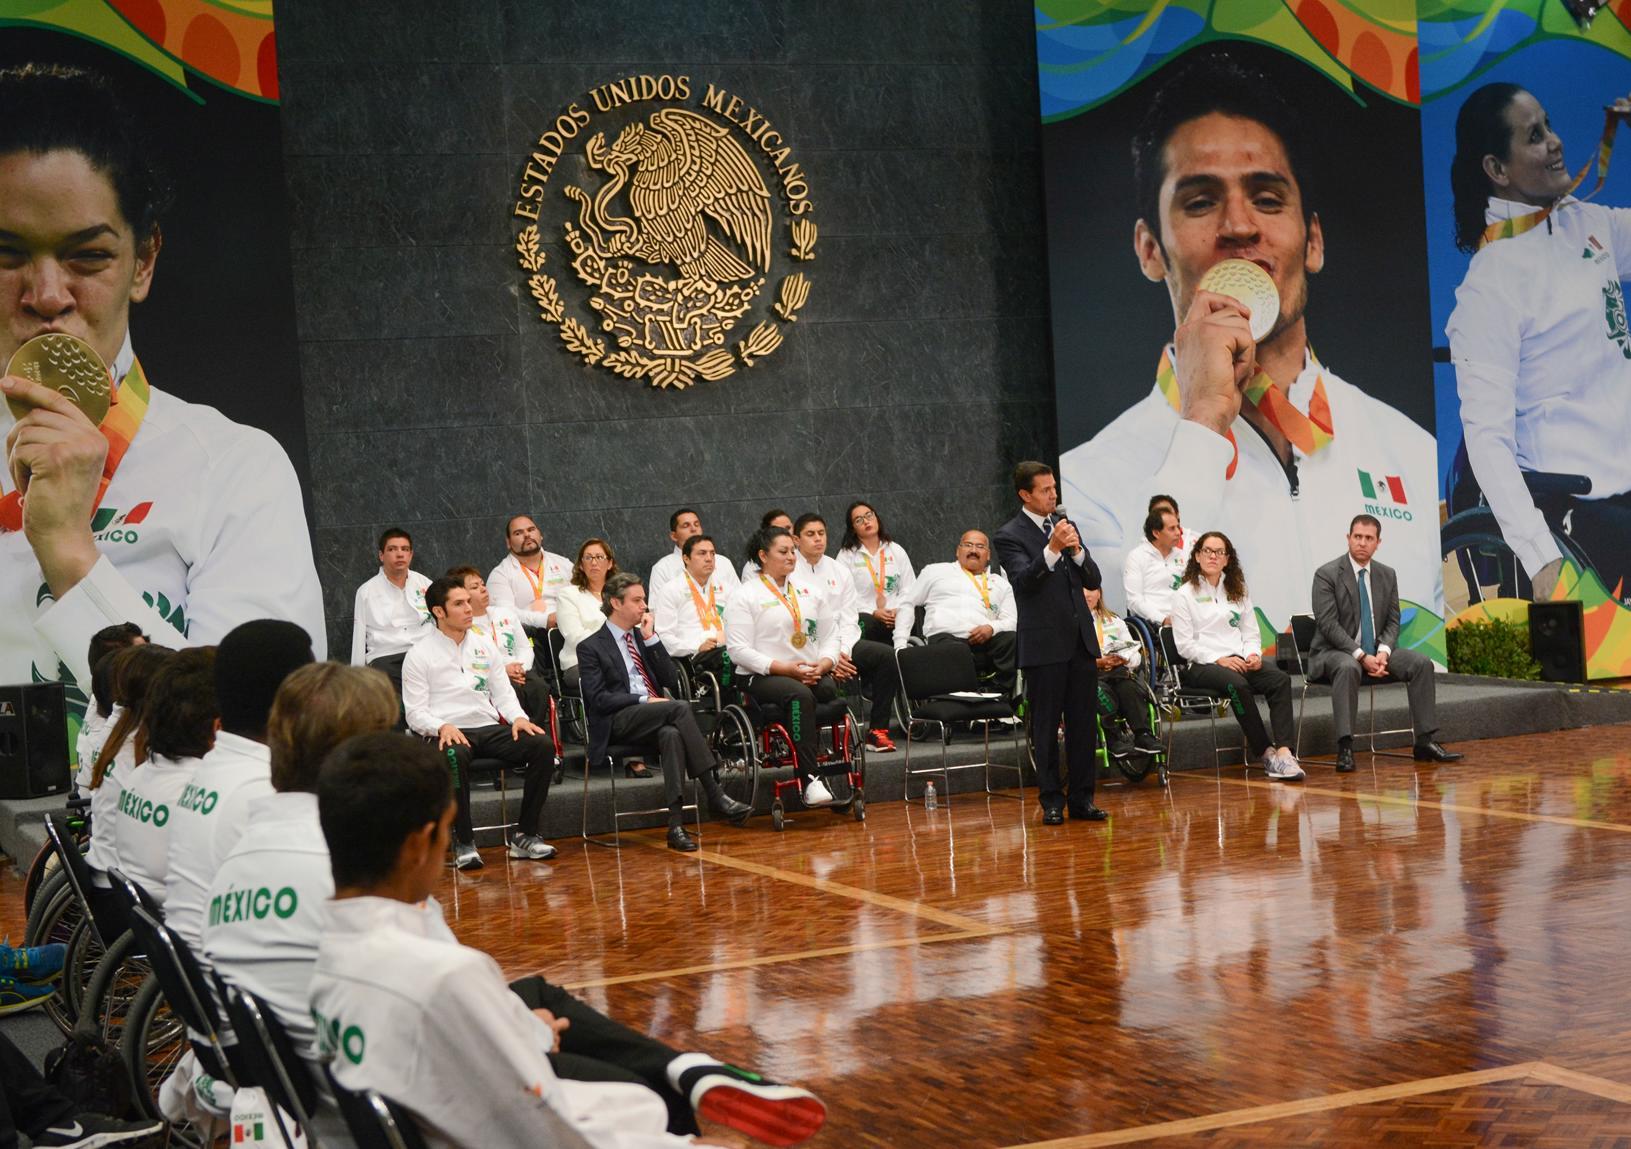 El Primer Mandatario dialogó de manera informal con los medallistas paralímpicos y el resto de la delegación mexicana que participaron en Río de Janeiro 2016.